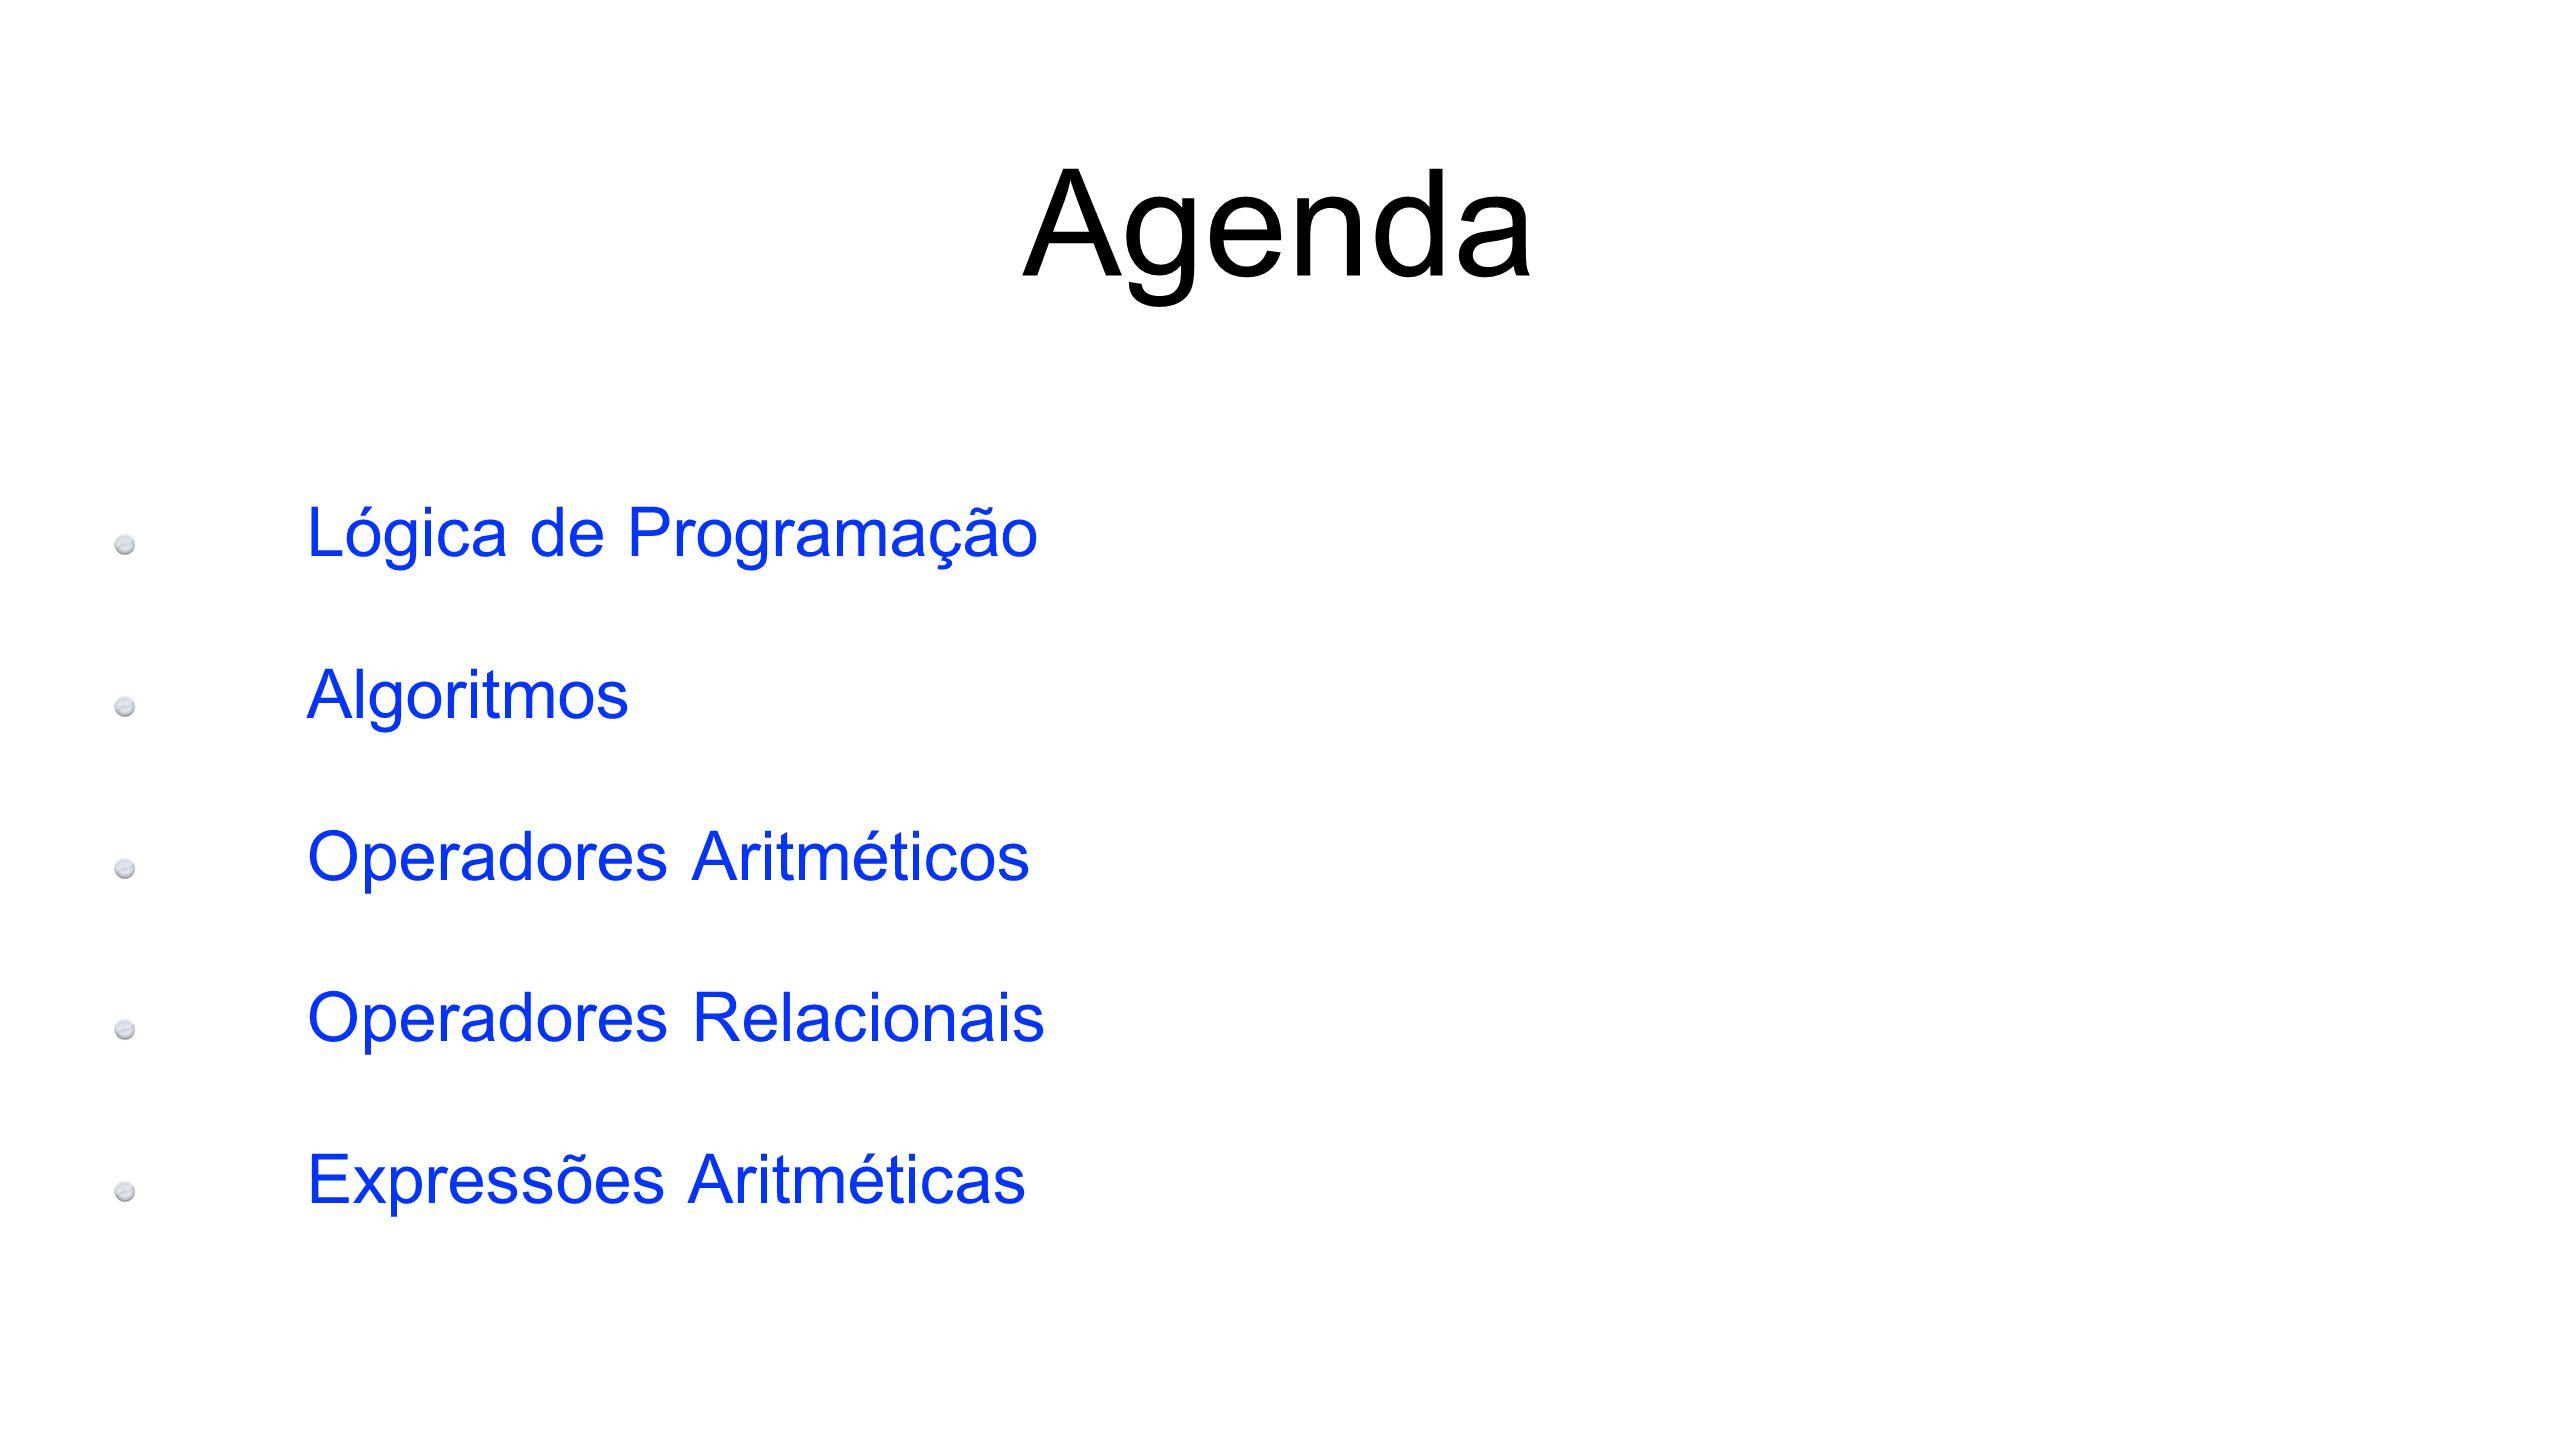 Agenda Lógica de Programação Algoritmos Operadores Aritméticos Operadores Relacionais Expressões Aritméticas